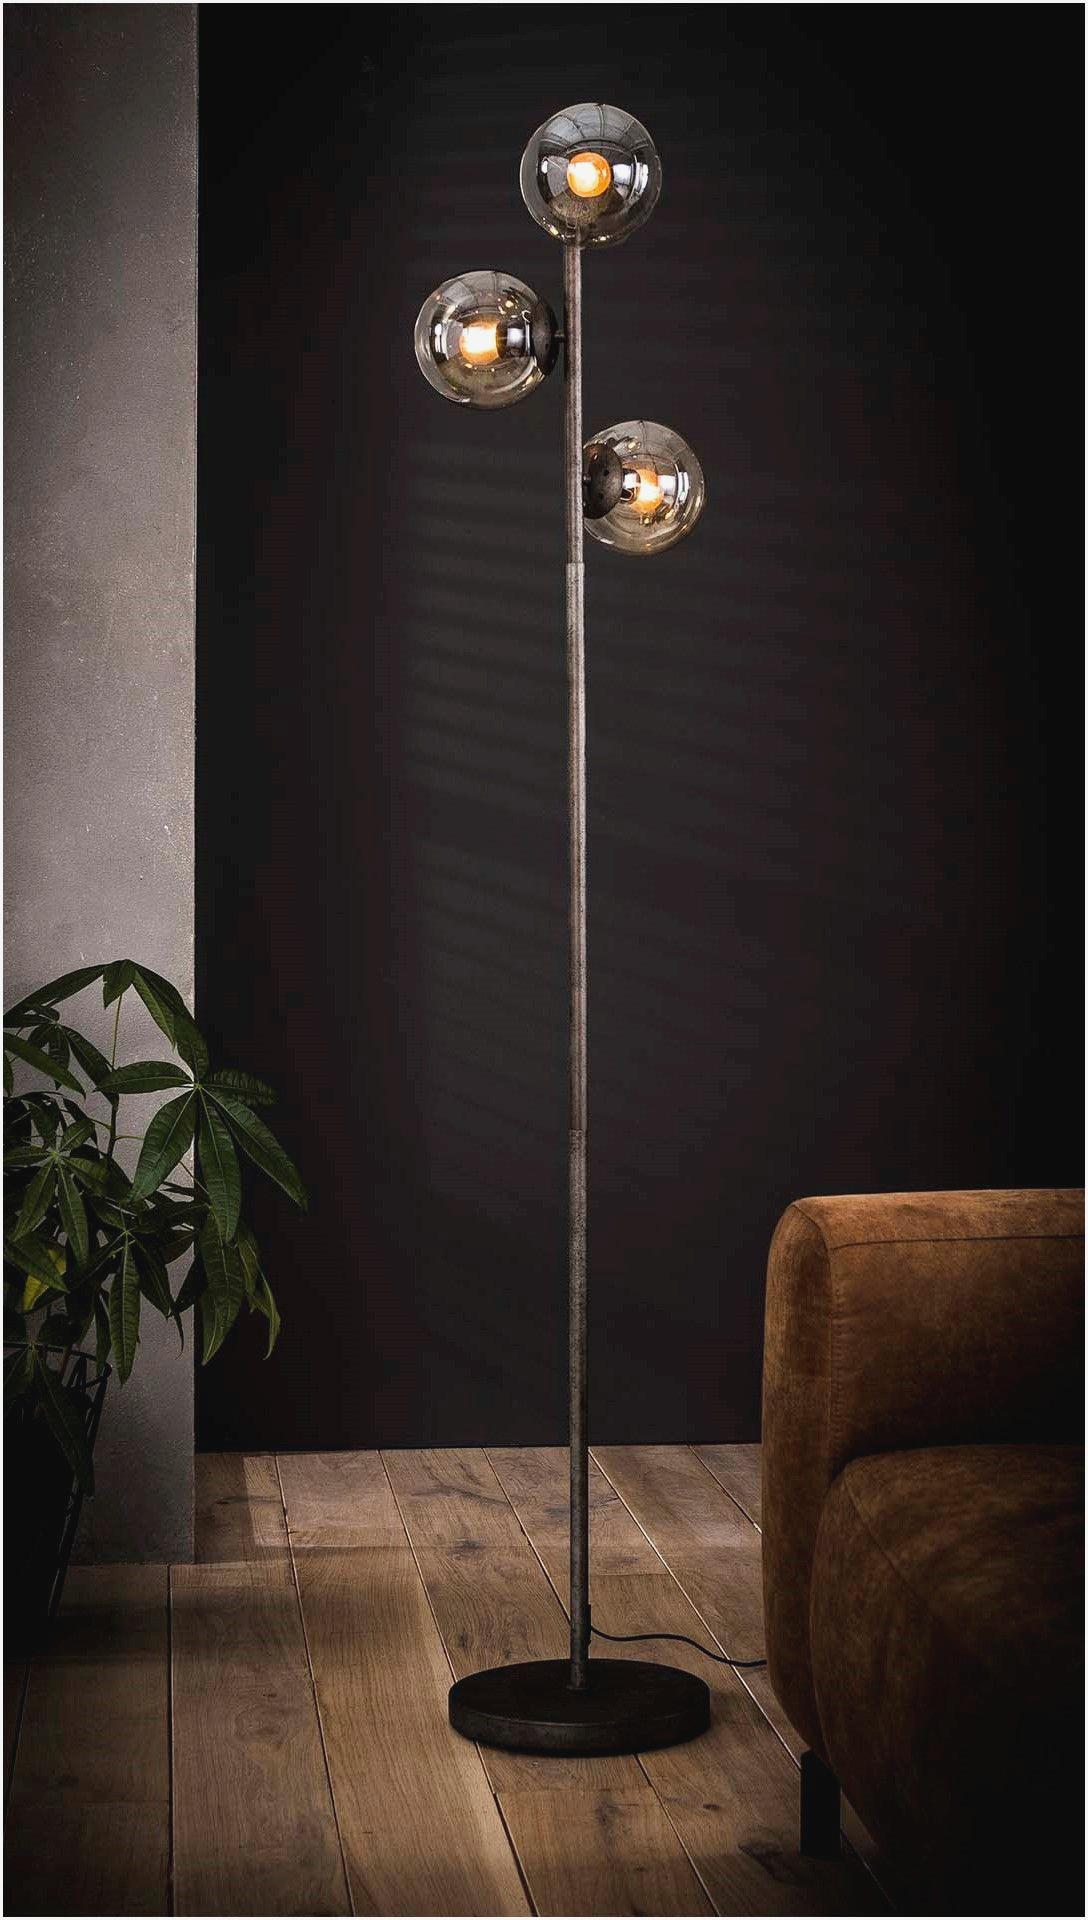 Full Size of Wohnzimmer Lampe Stehend Schlafzimmer Lampen Ikea Traumhaus Deckenlampen Teppich Anbauwand Rollo Stehlampe Sessel Wandlampe Vinylboden Deckenlampe Küche Wohnzimmer Wohnzimmer Lampe Stehend